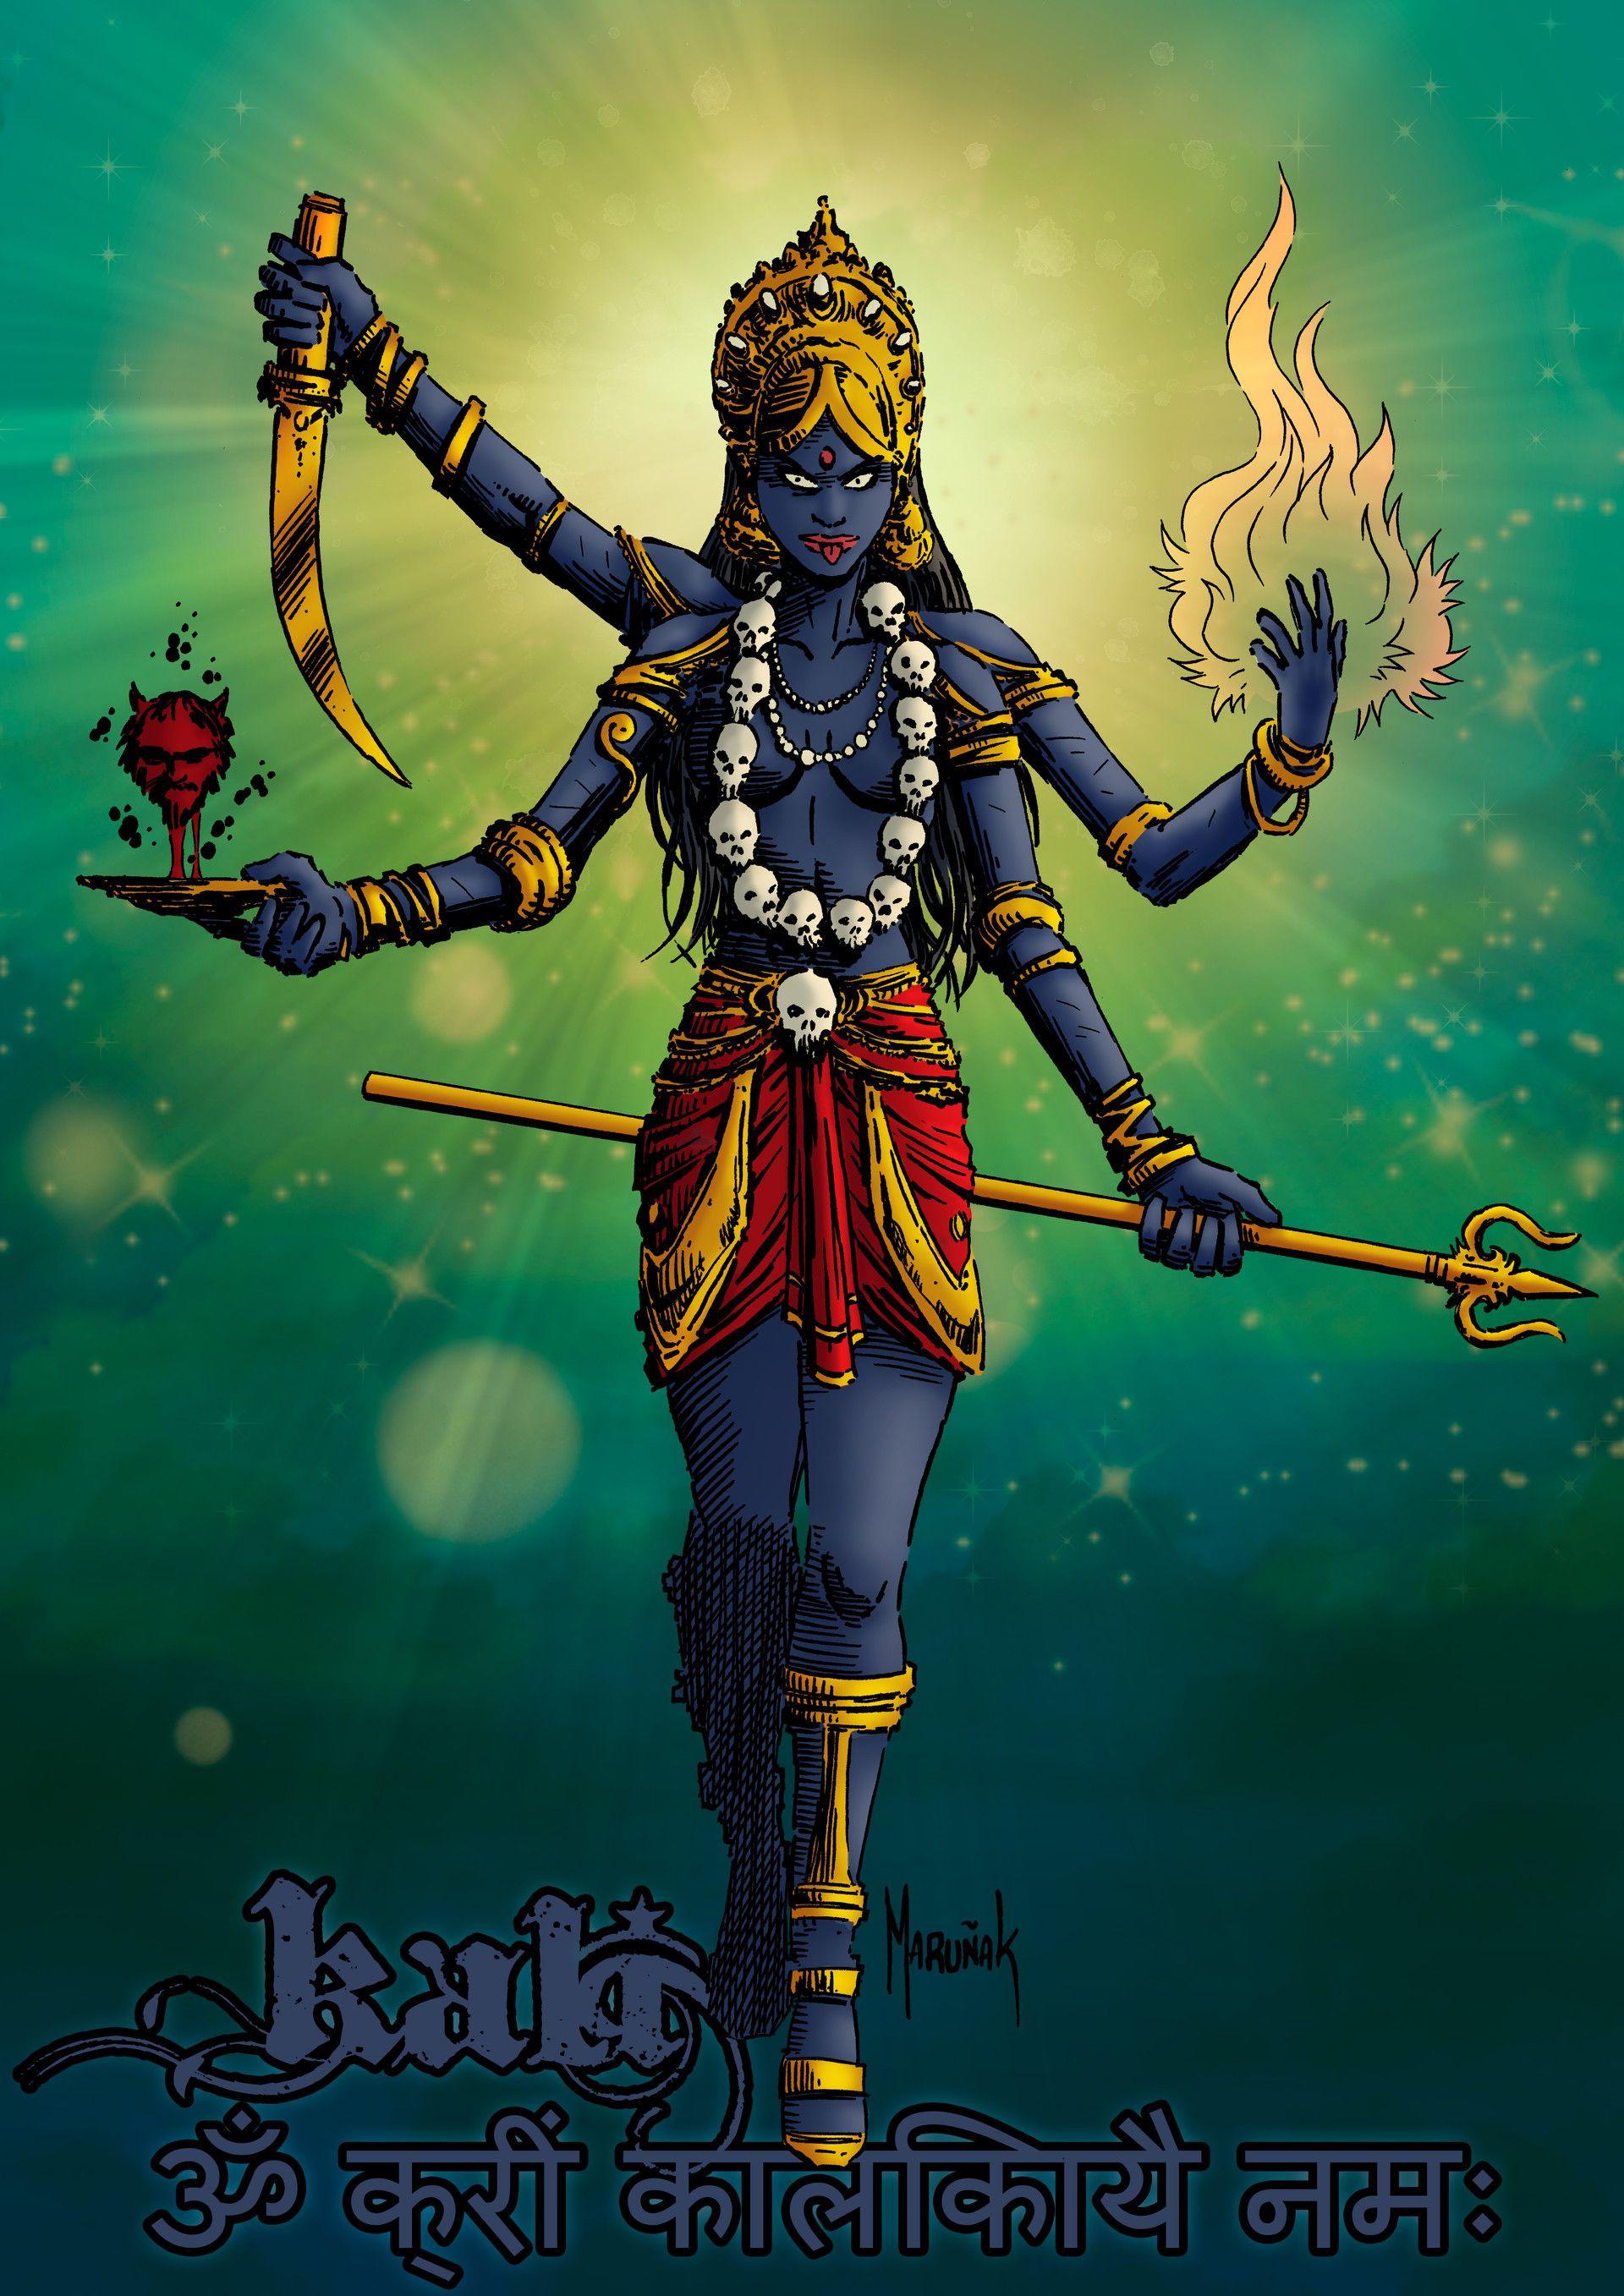 La aparición física de Kali